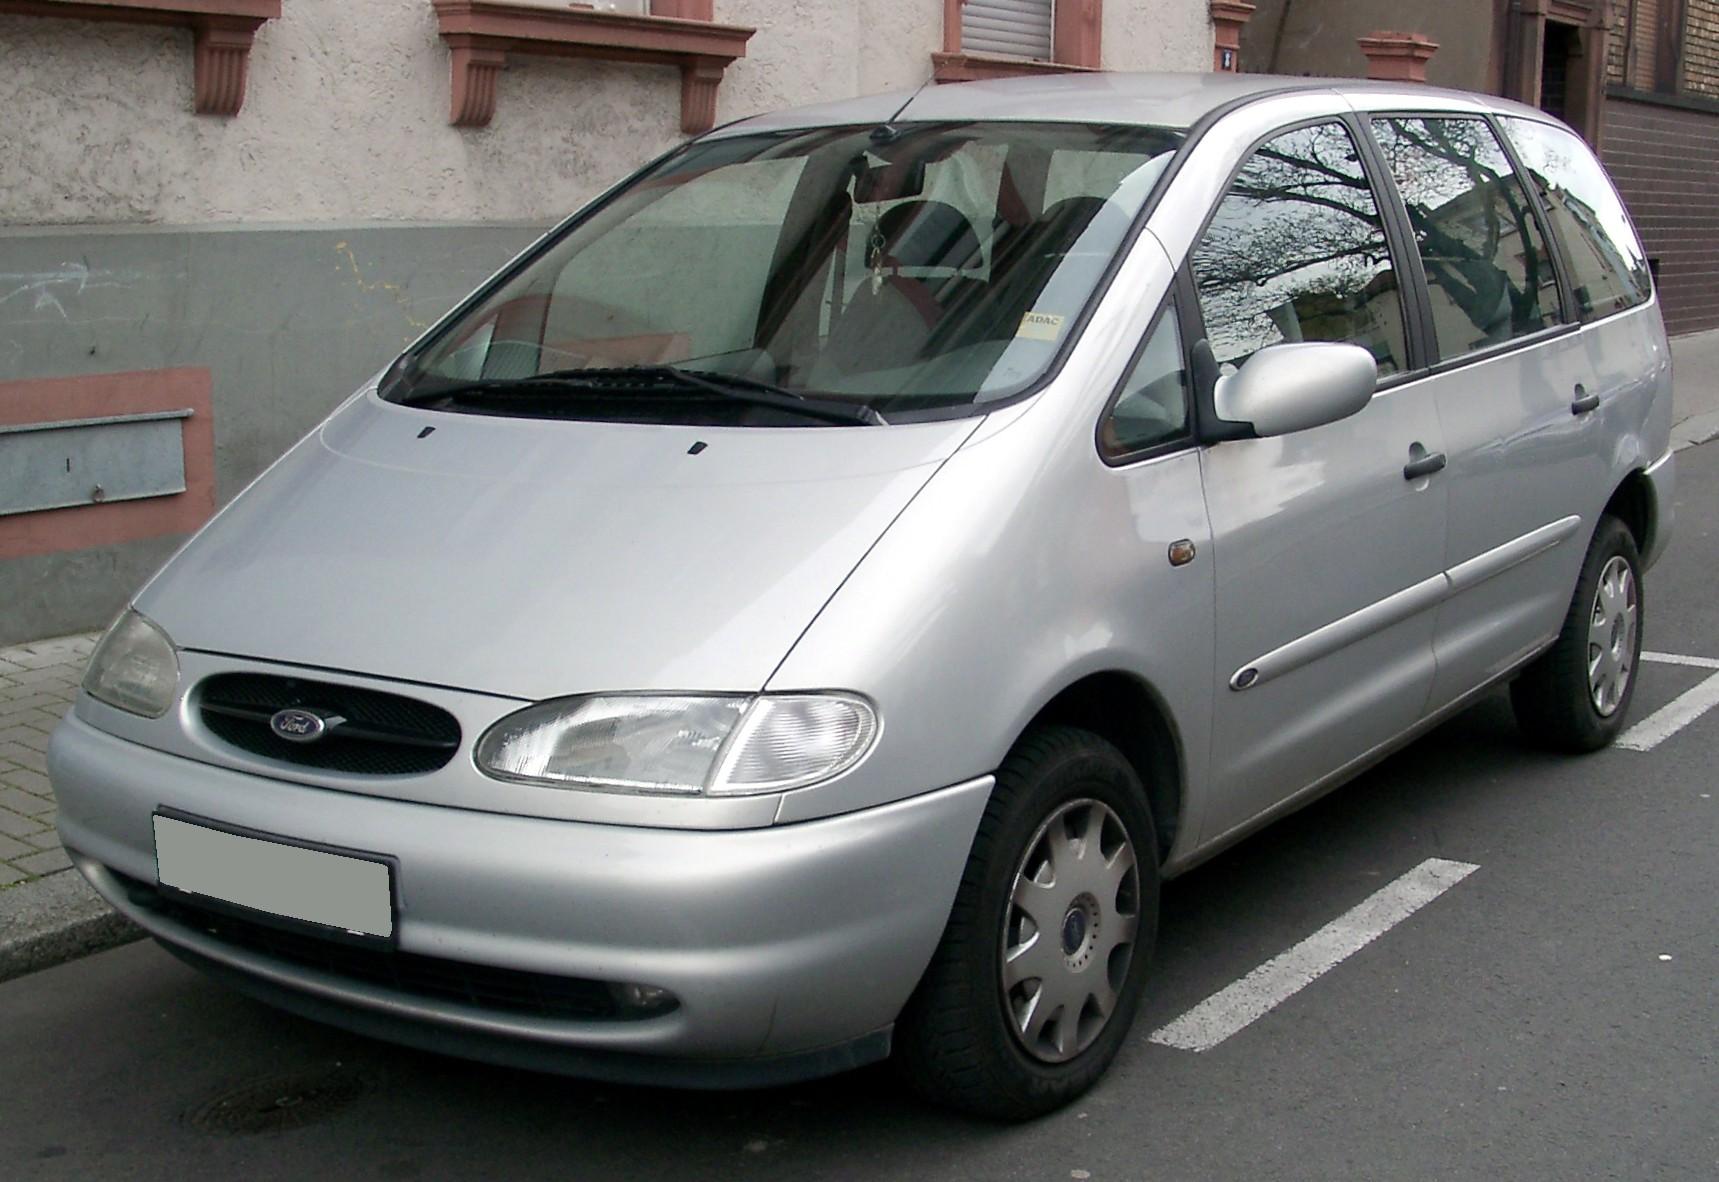 Ford Galaxy 2002 foto - 1